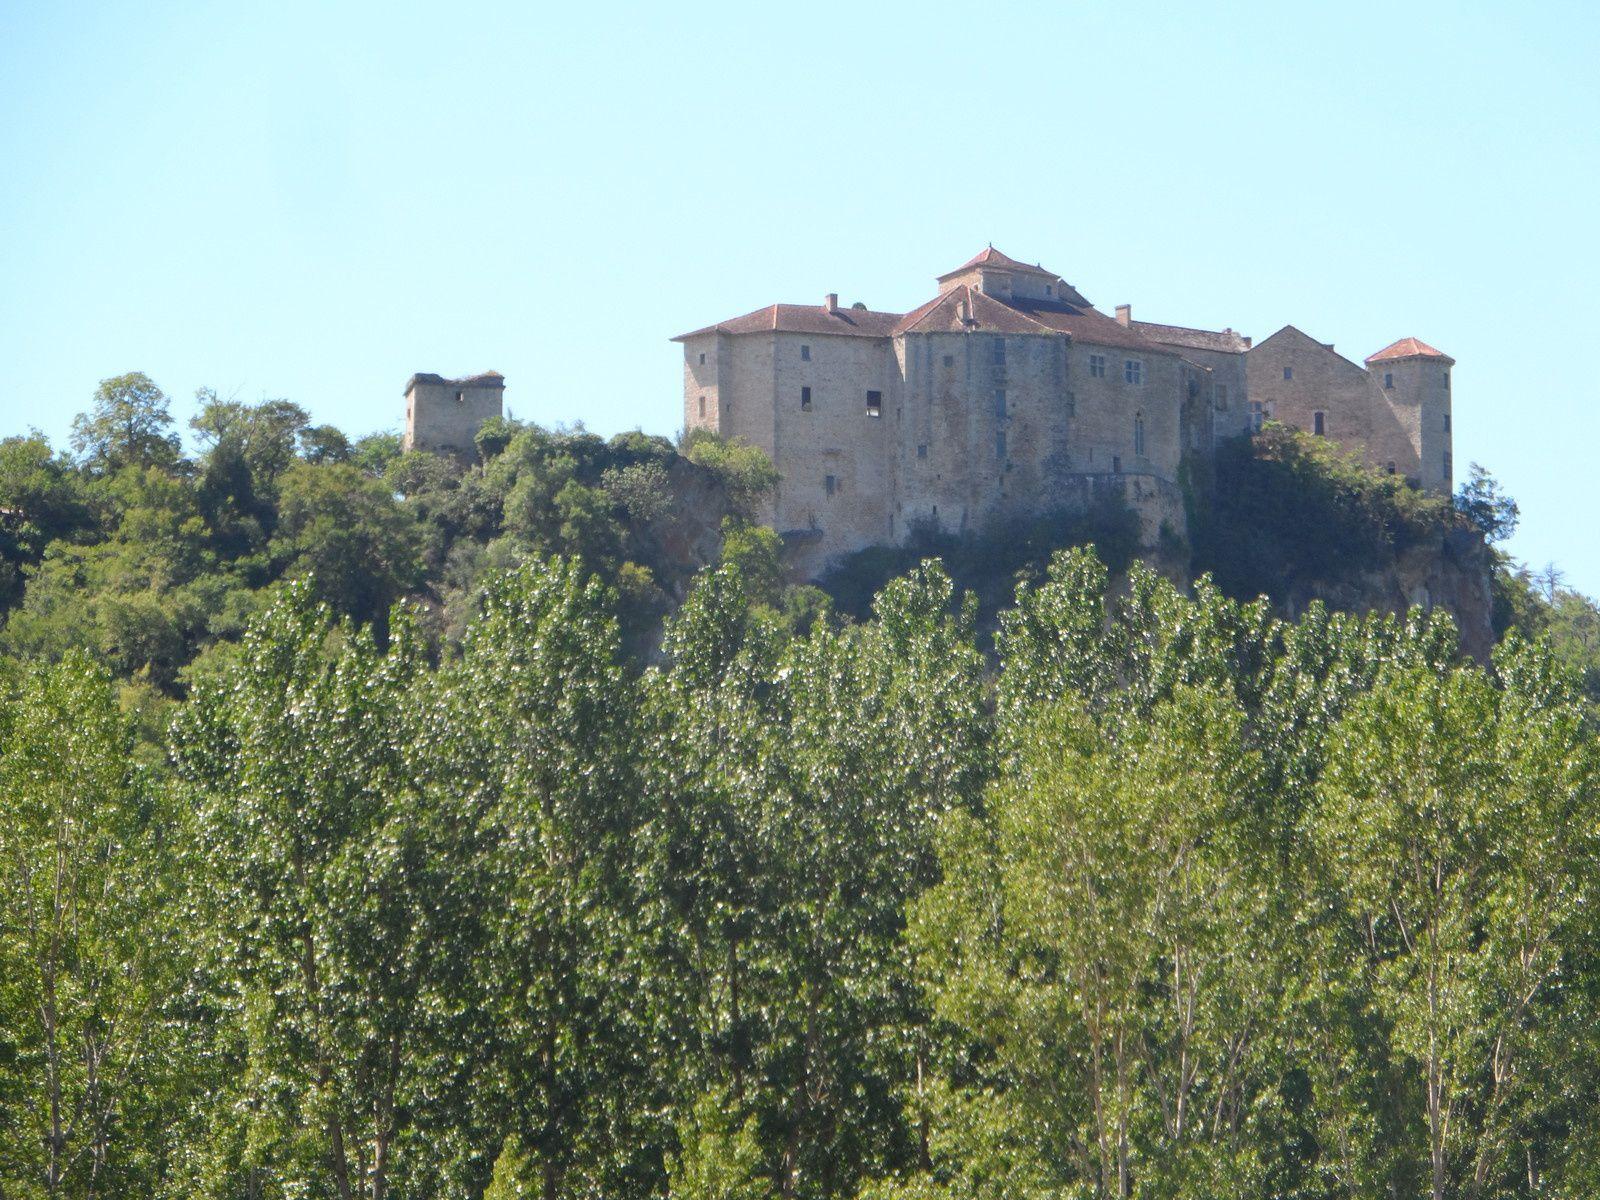 Vue du château avant d'arriver à Bruniquel.